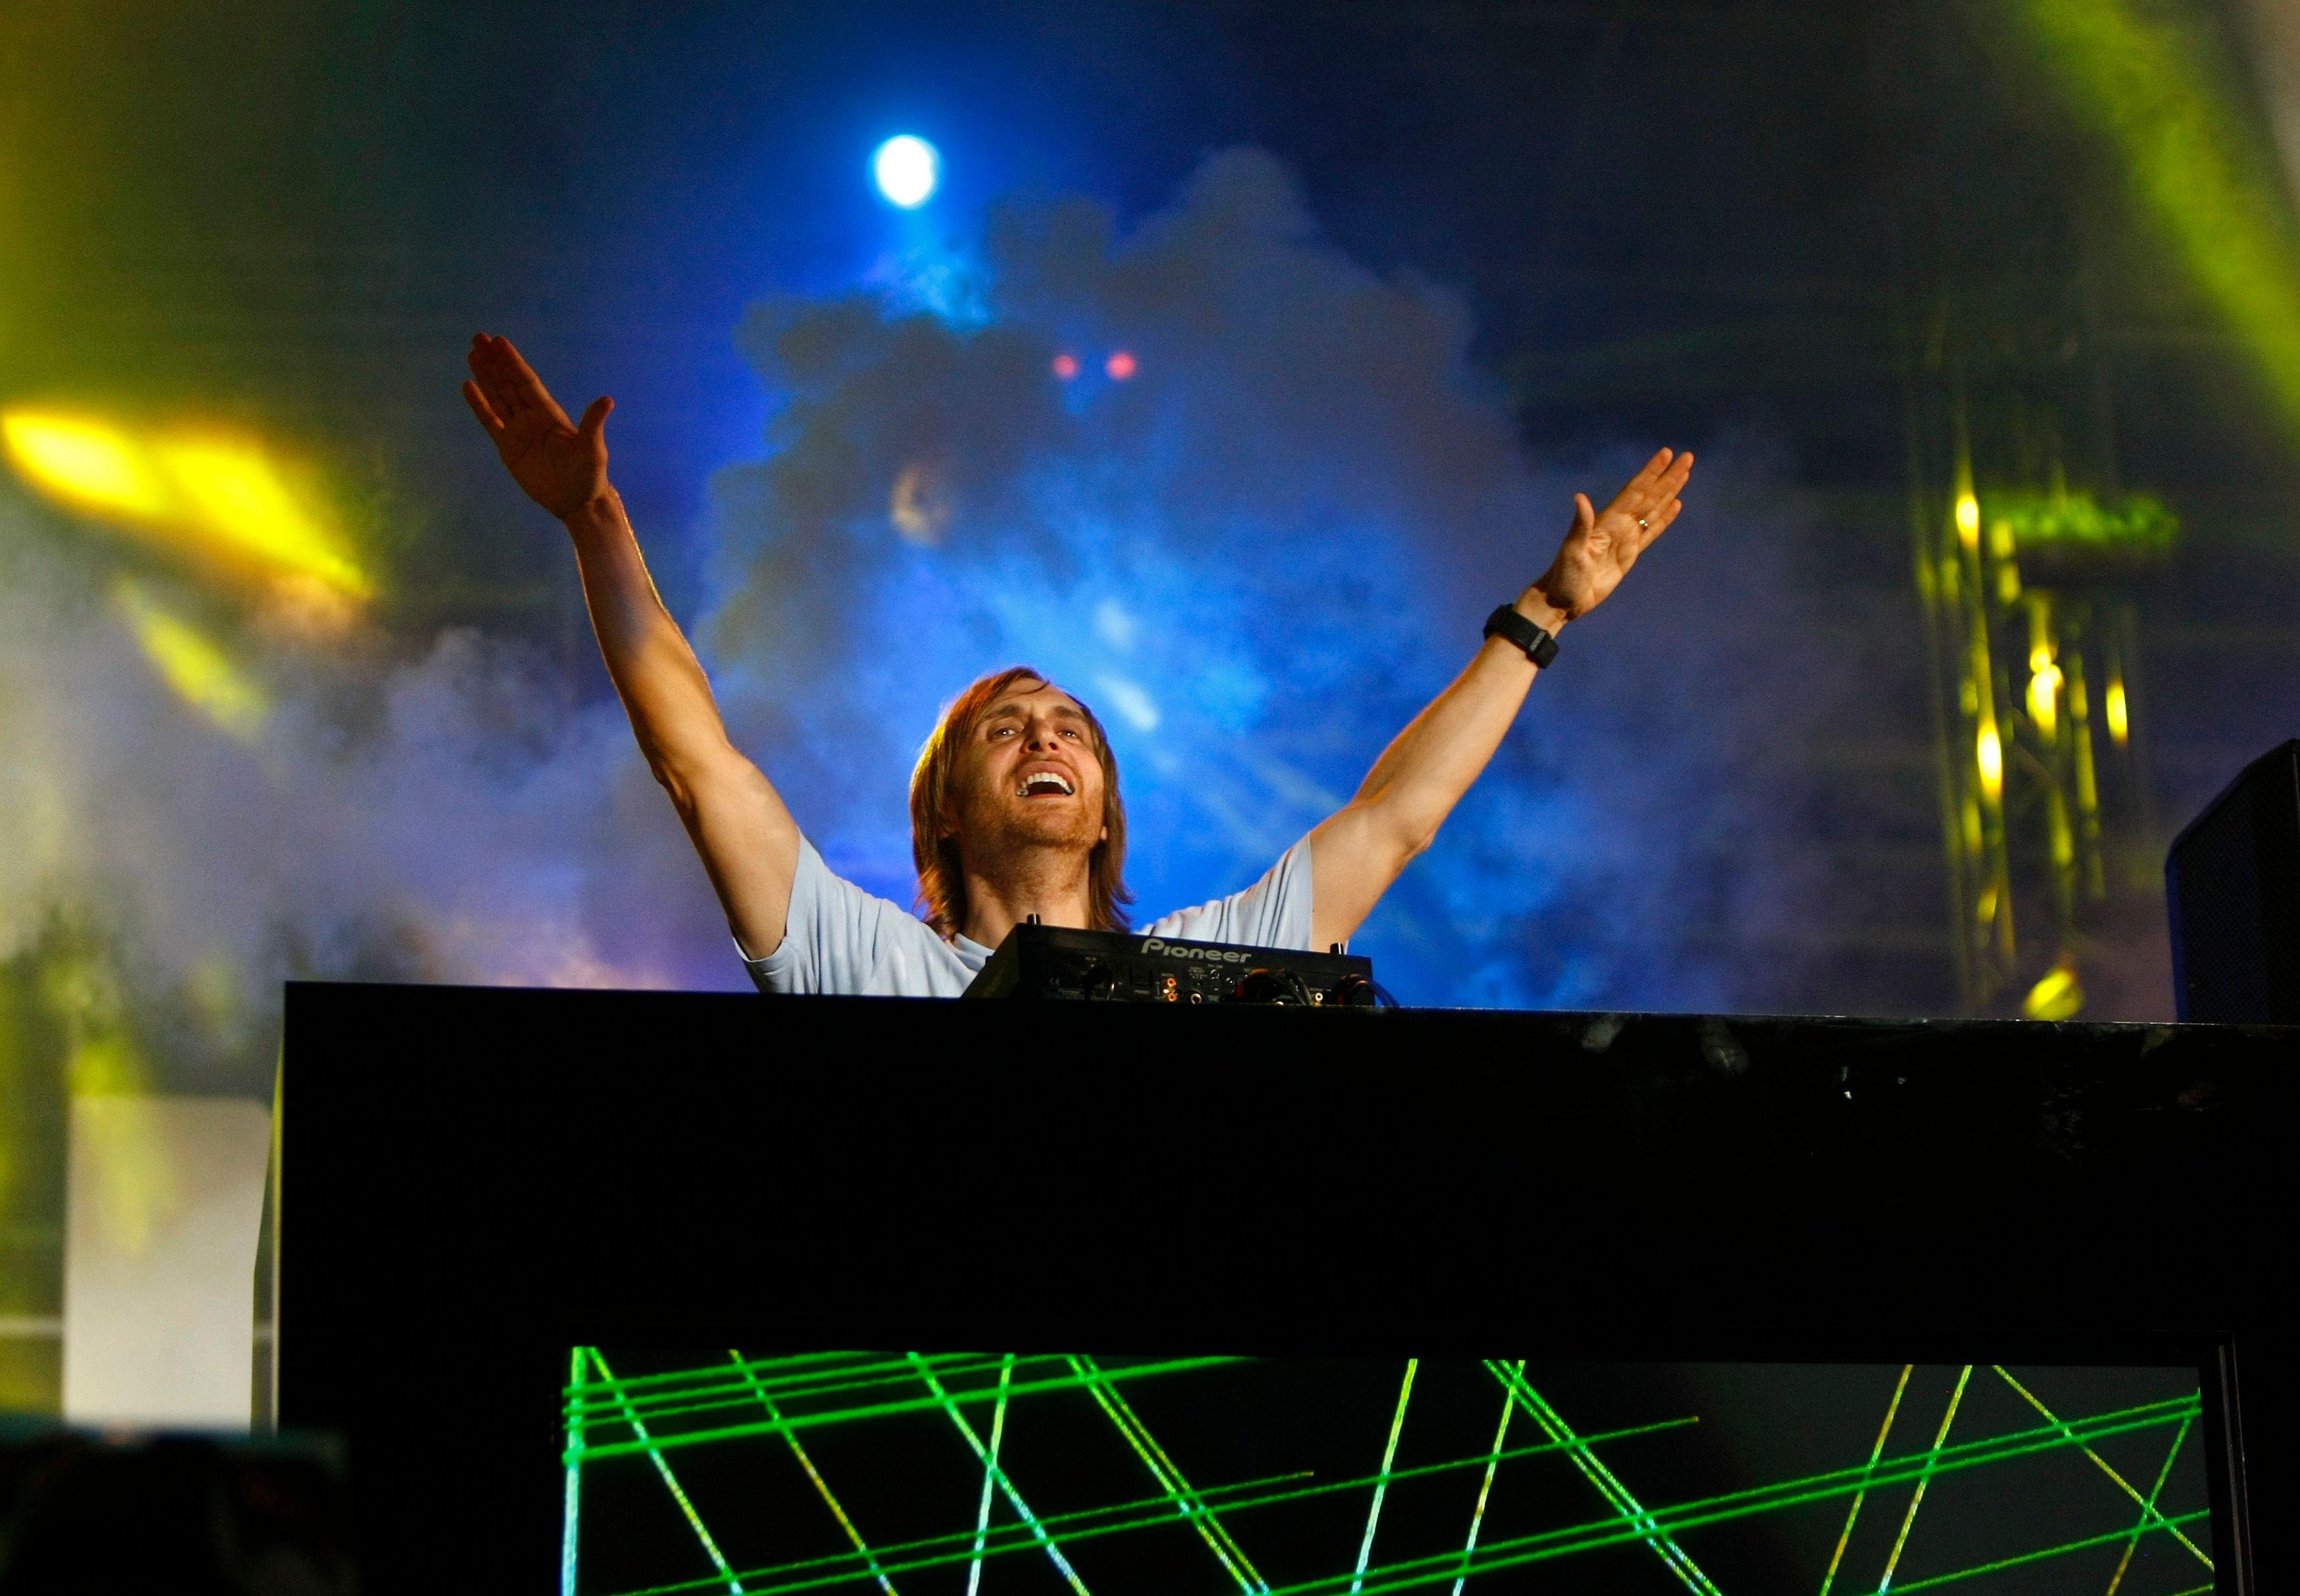 David Guetta est encore en tête des artistes français les plus vendeurs à l'étranger